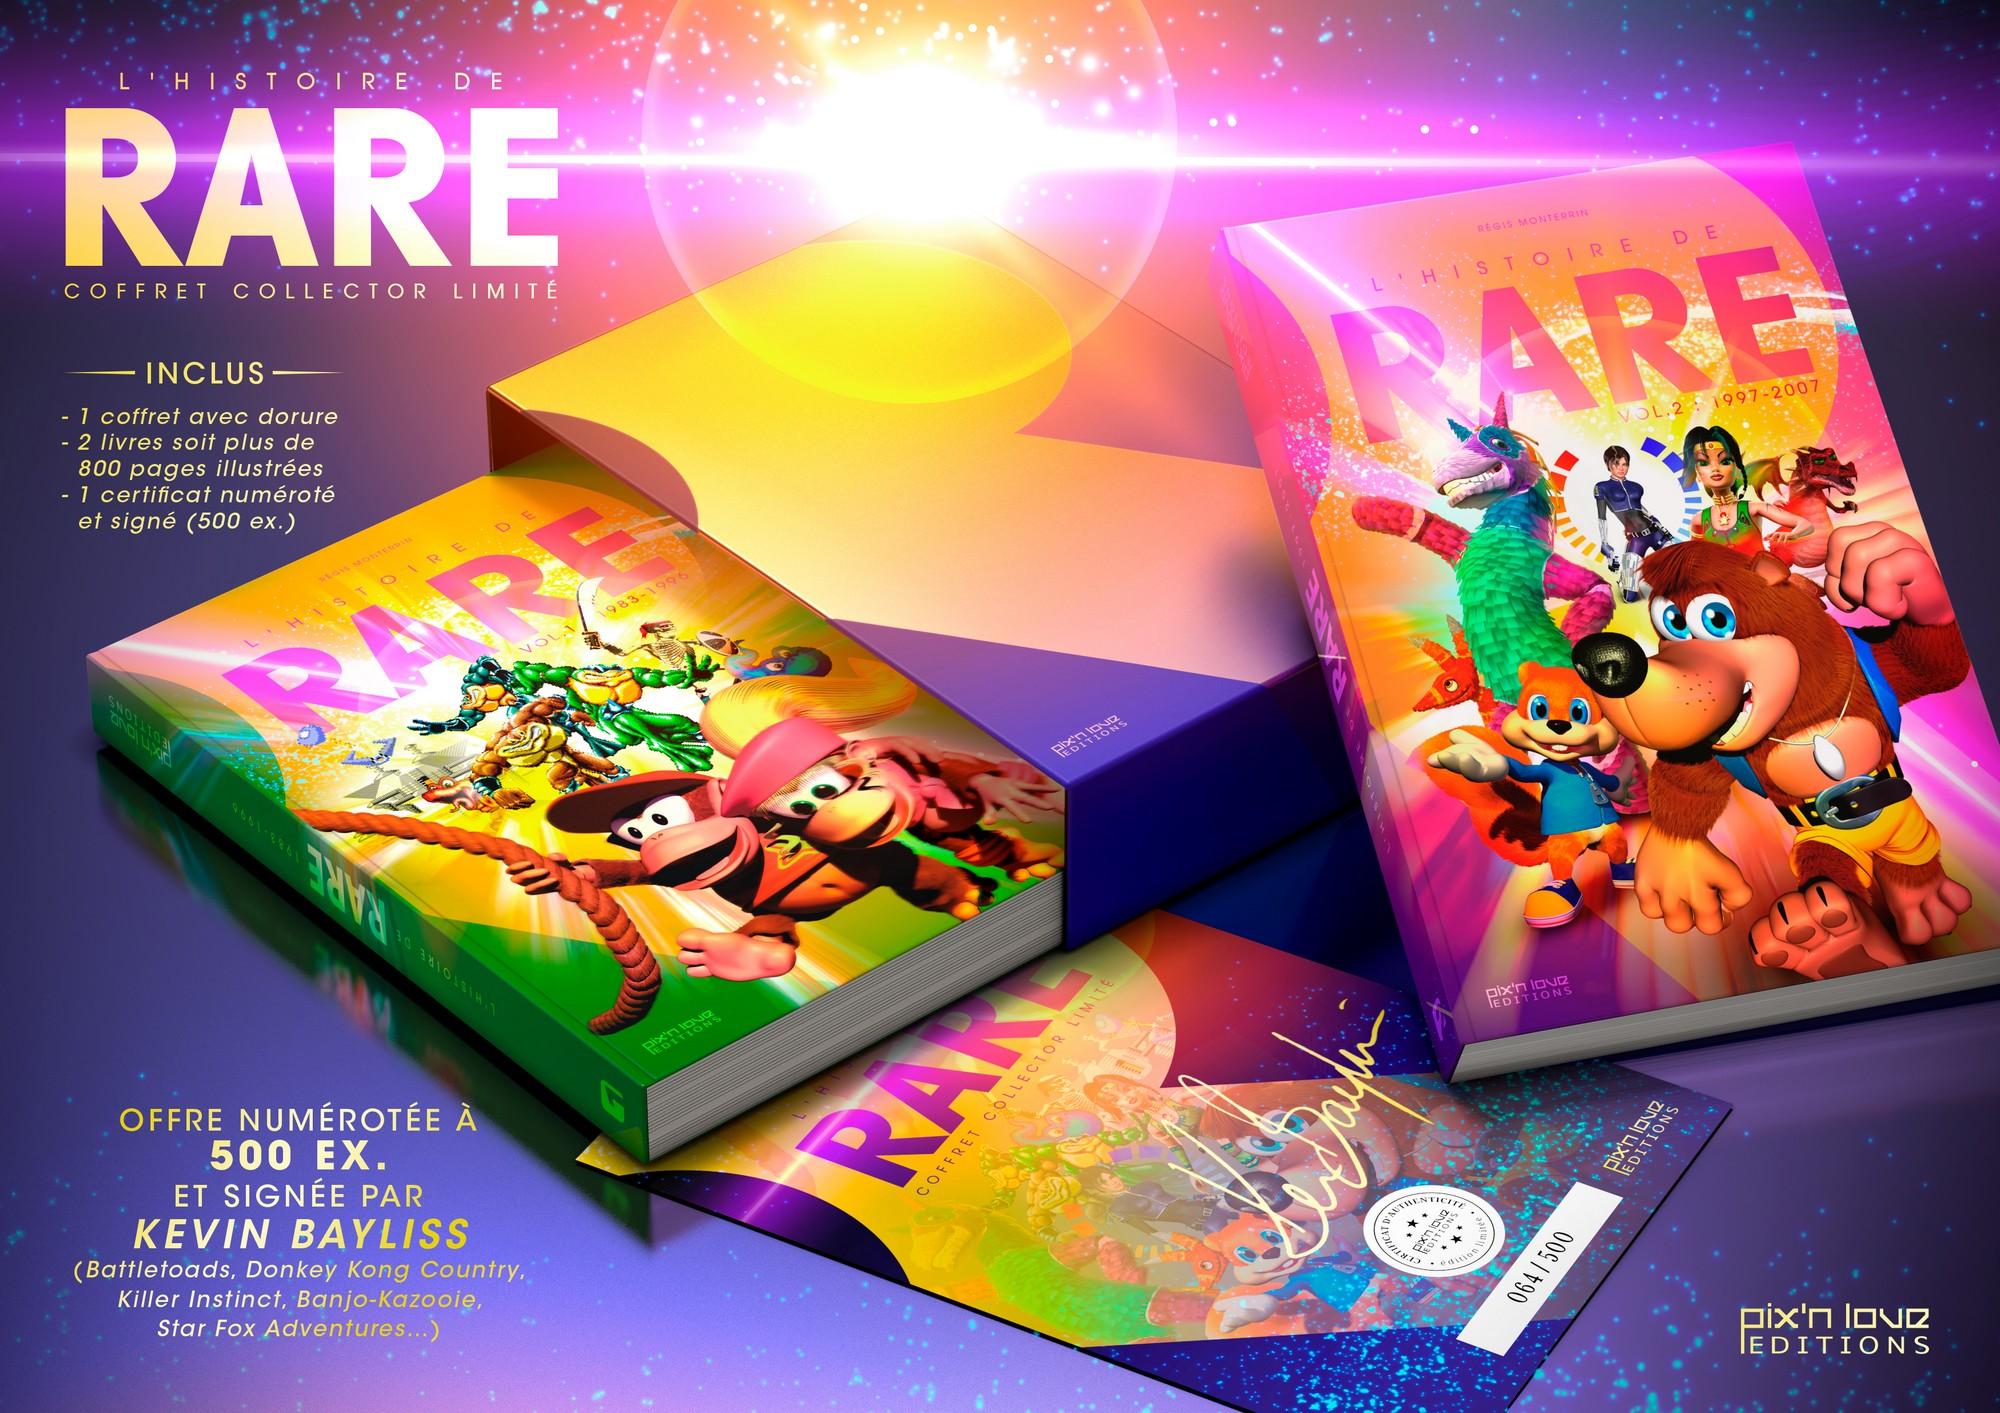 [INFOS] Livres et webzines - Page 15 1568110570-70819561-10162428997835464-3945355046845153280-o